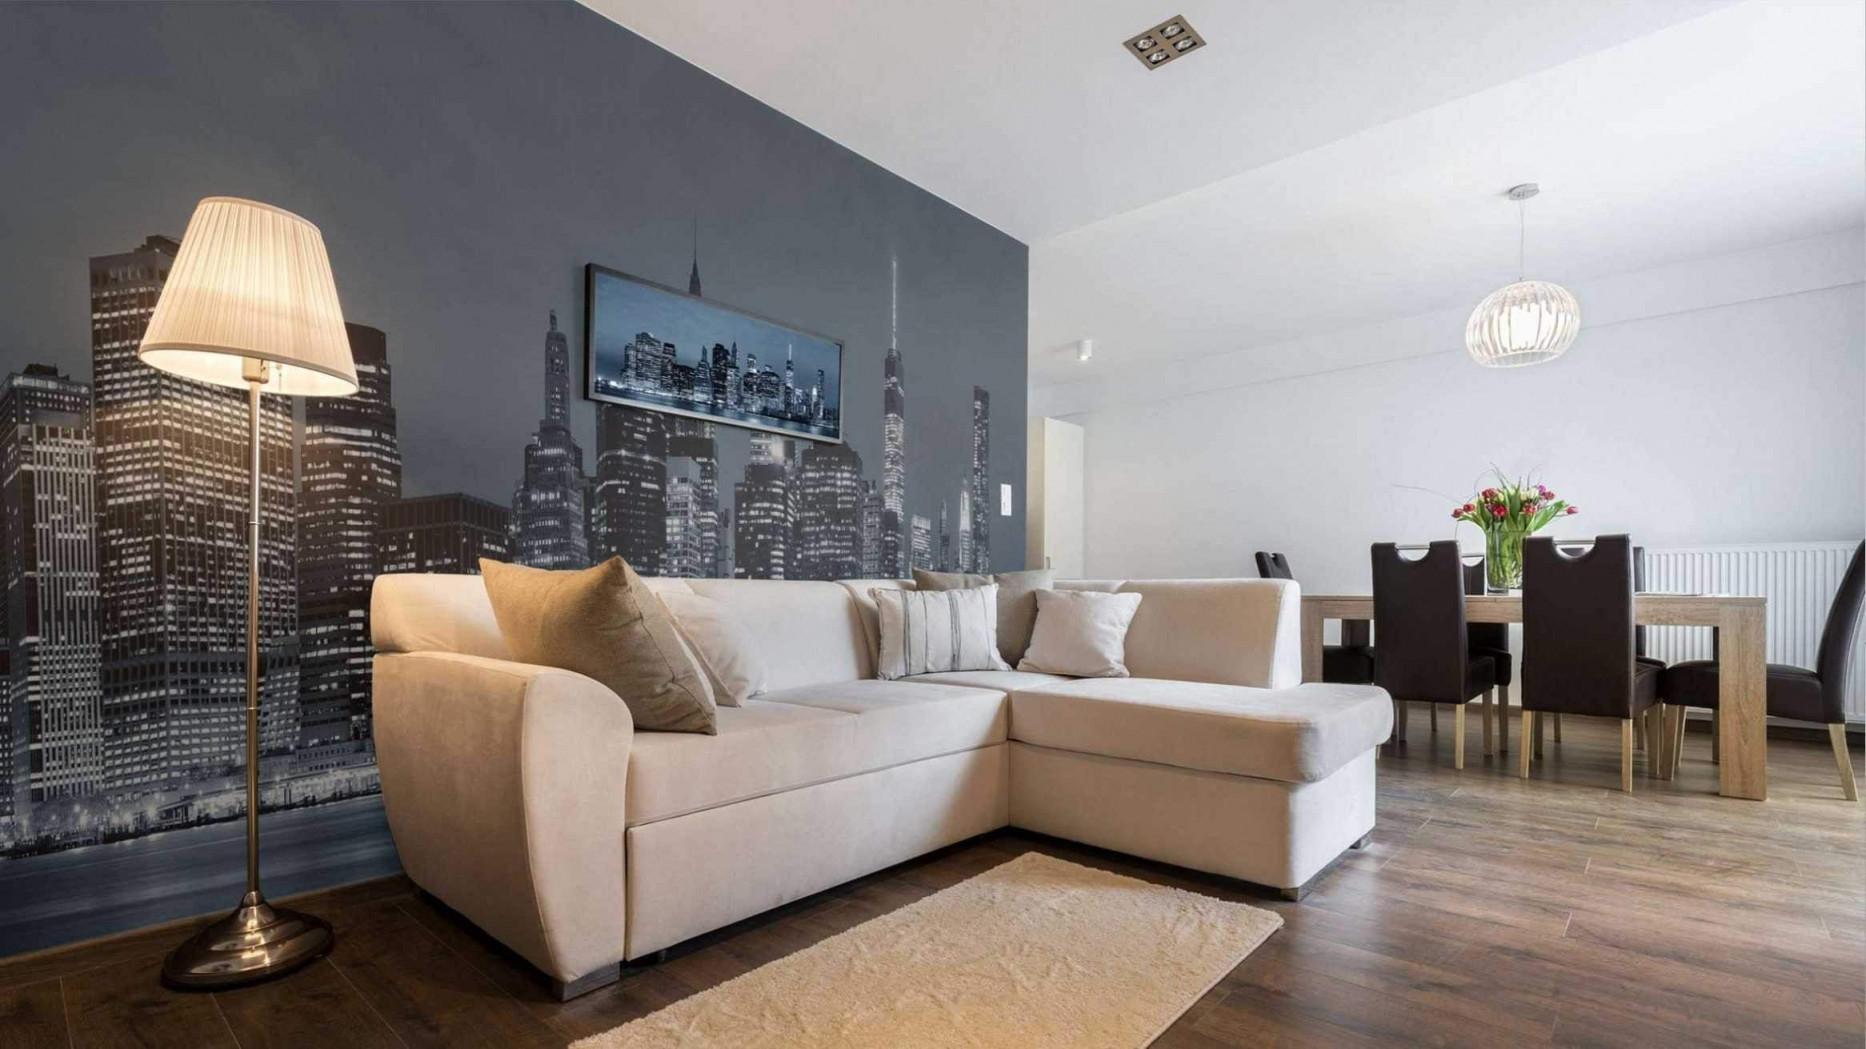 37 Neu Wohnzimmer Farben Ideen Frisch  Wohnzimmer Frisch von Wohnzimmer Gestalten Mit Farbe Bild